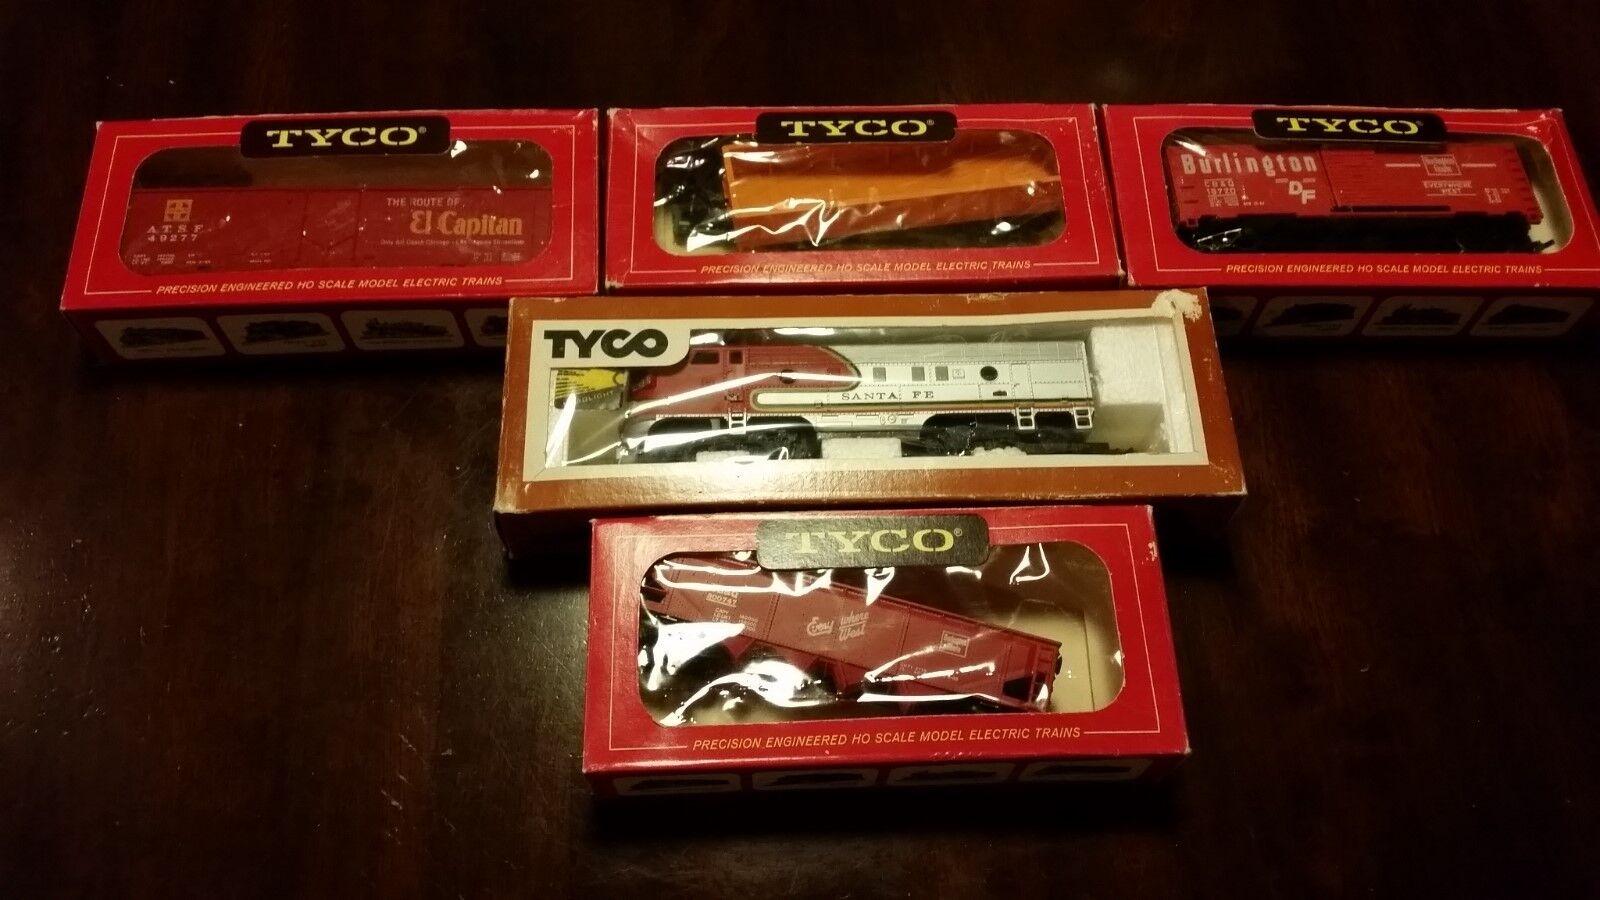 Tyco Train Santa Fe No. 224 F-9 A Engine And Car's Lot Of 5, Hong Kong